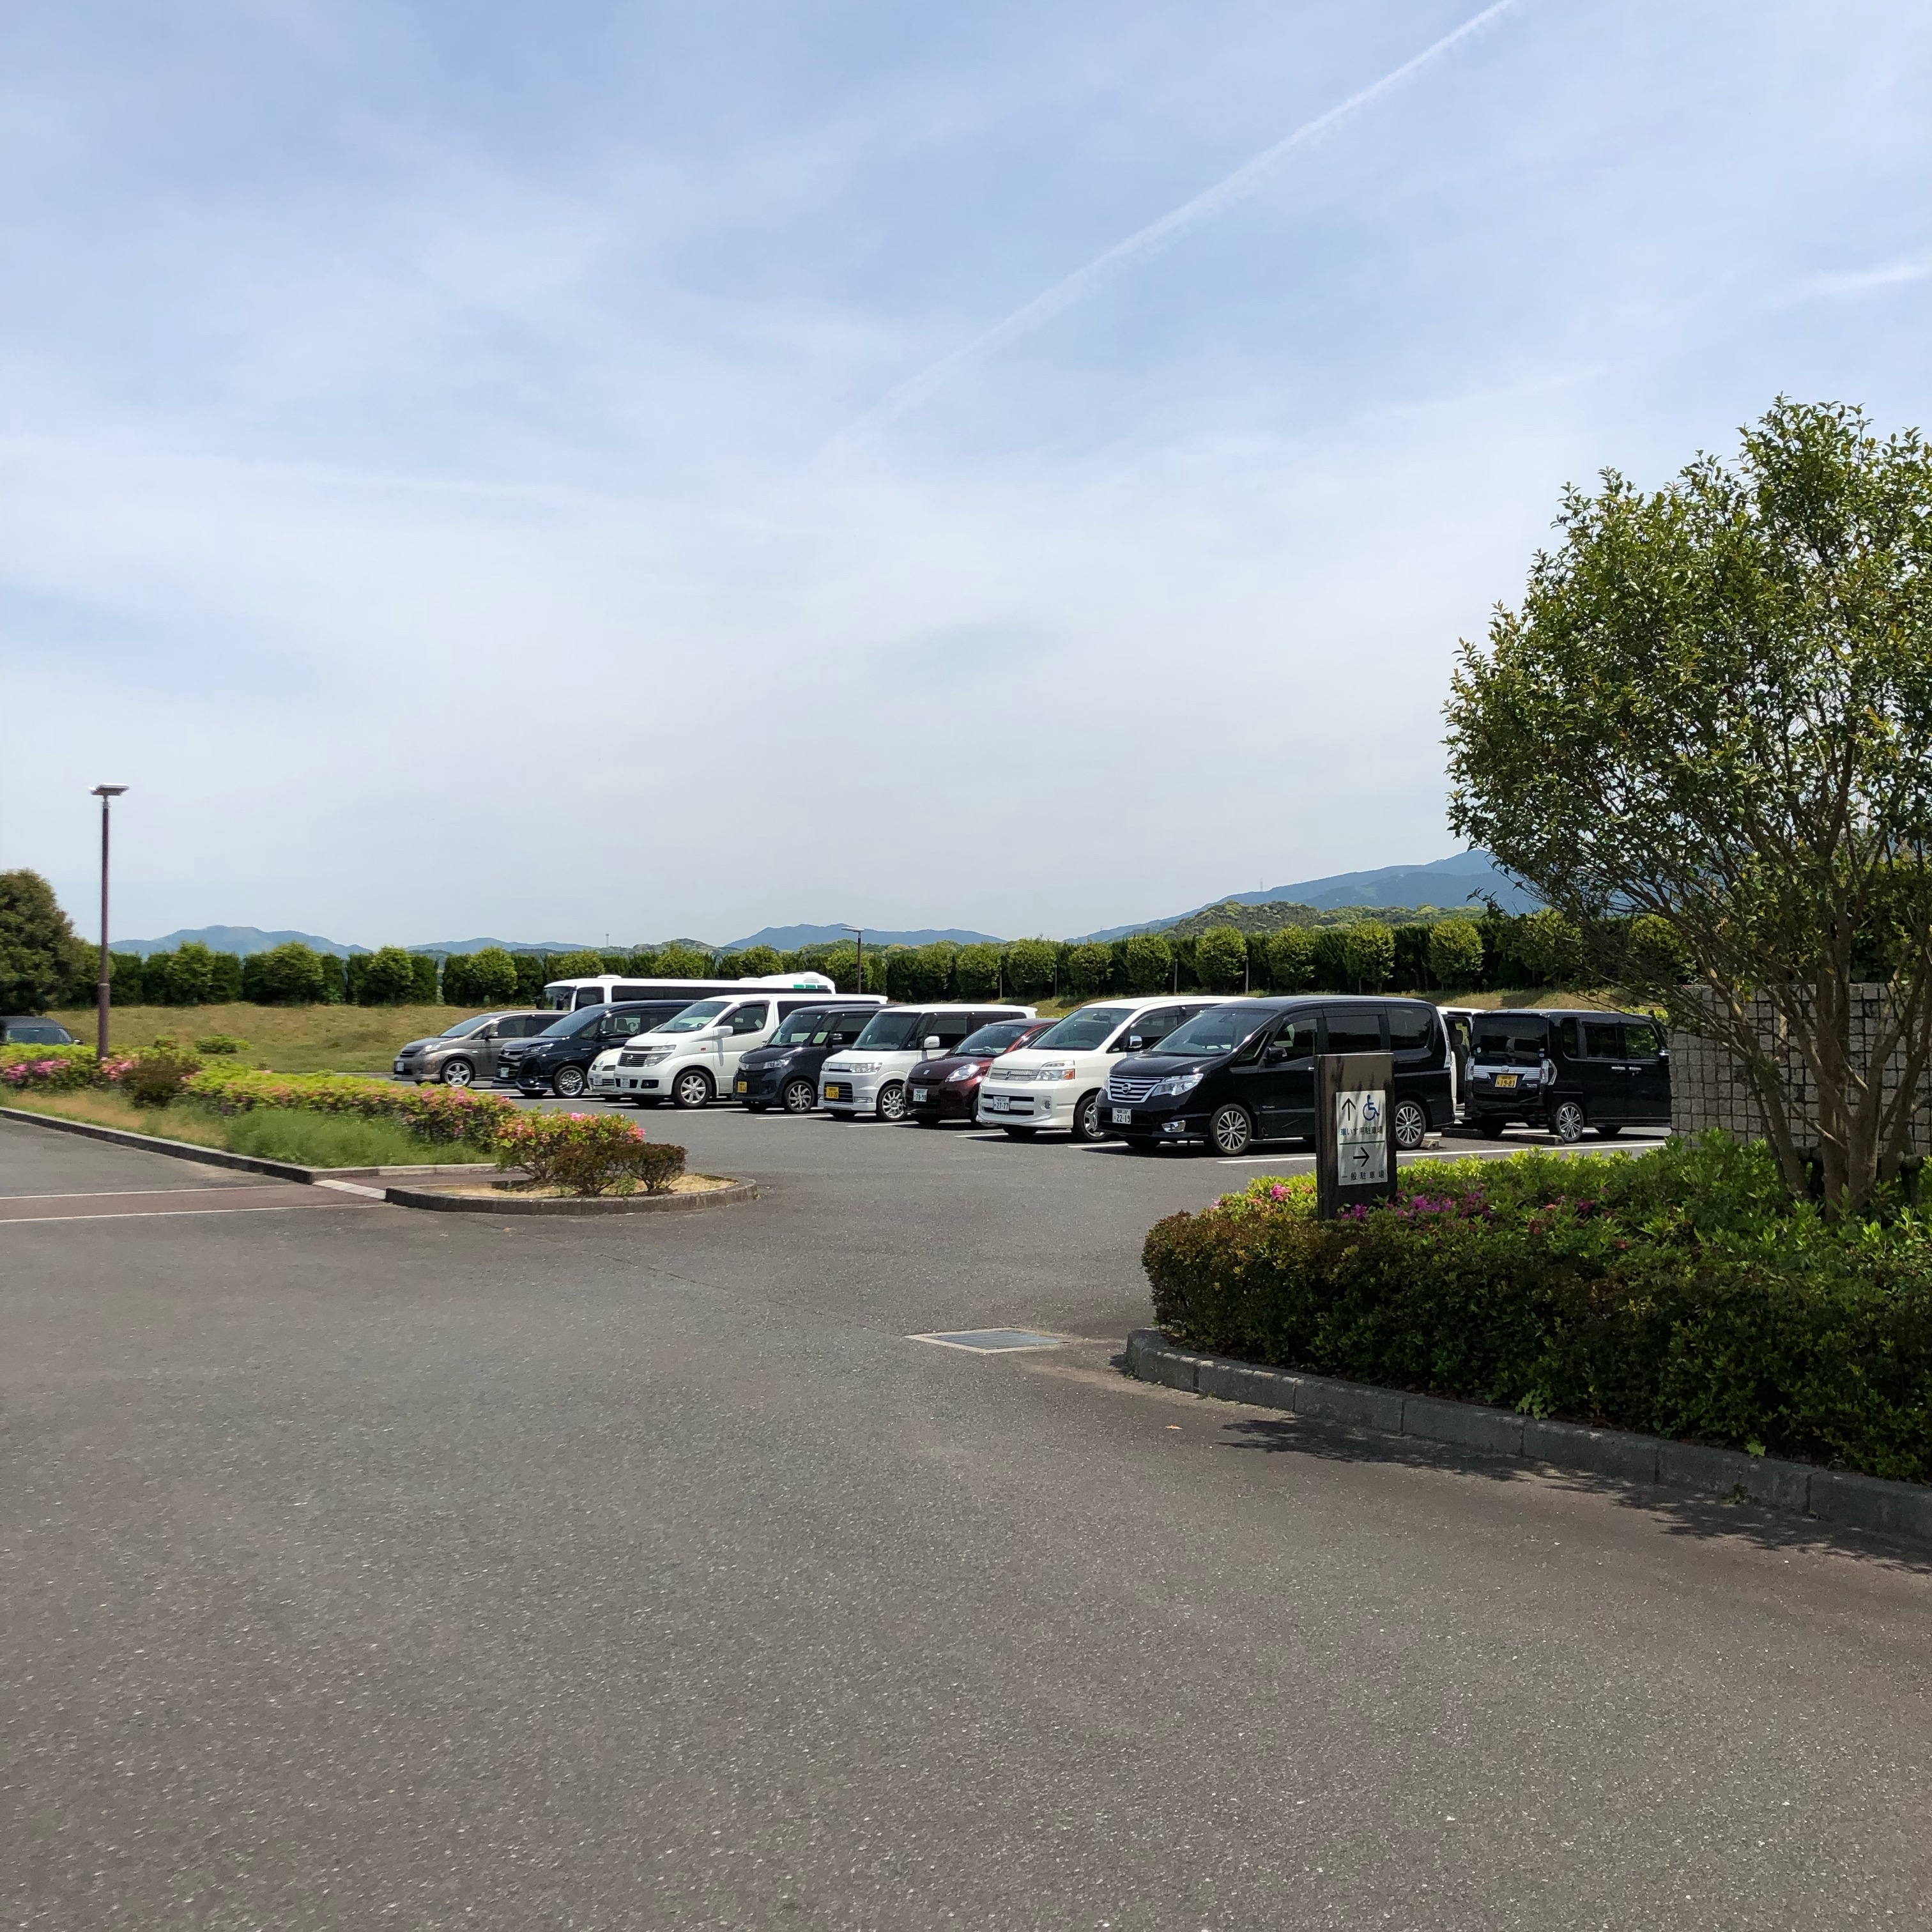 糸島市斎場駐車場